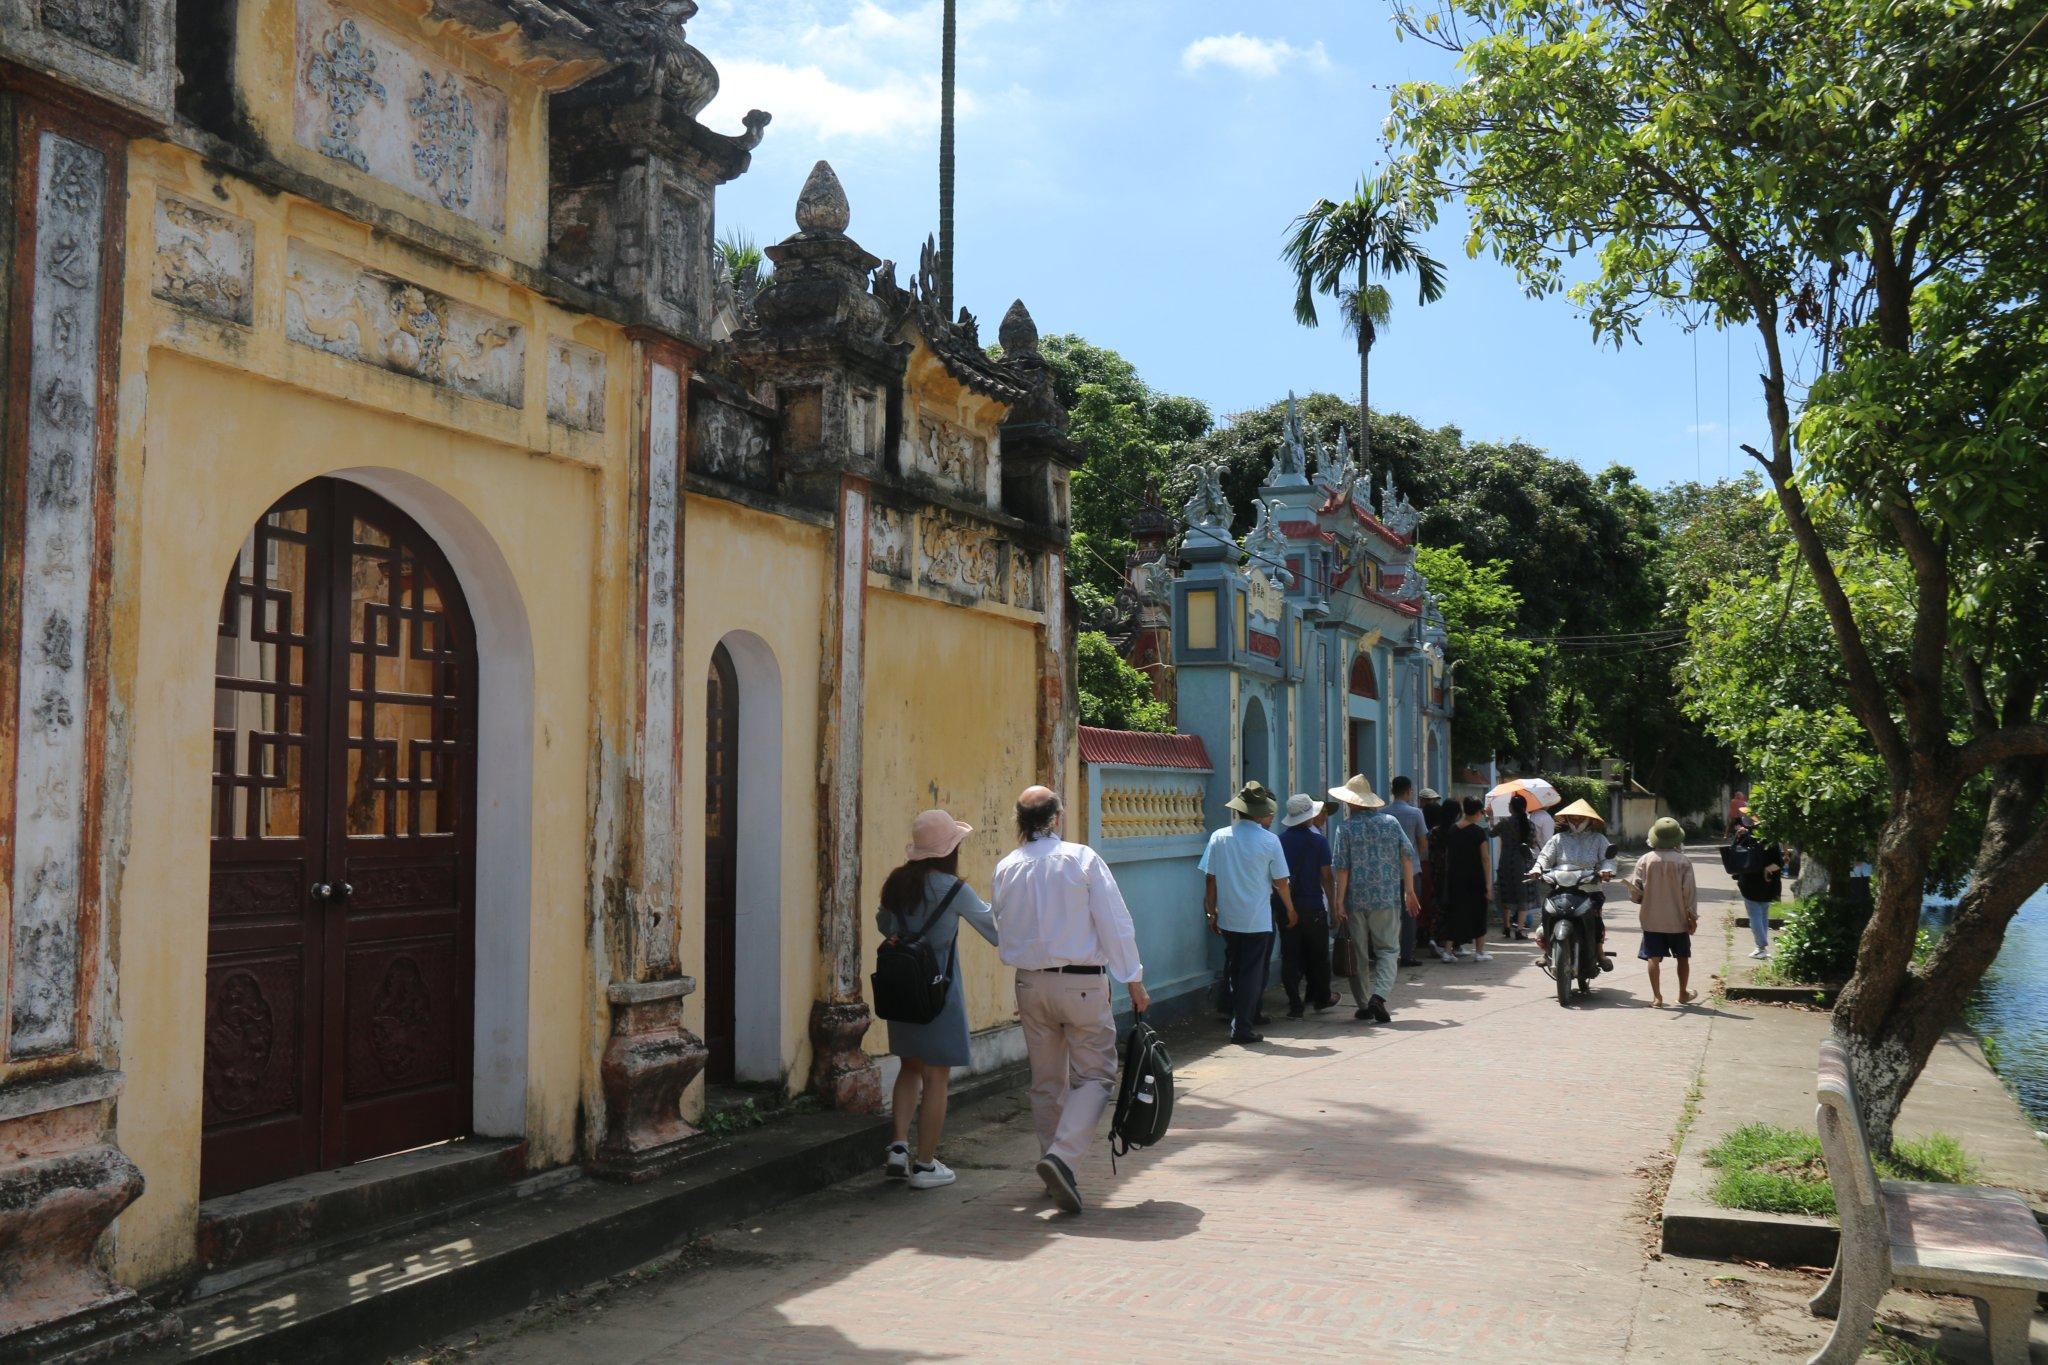 Quy hoạch bảo tồn kiến trúc làng cổ nhằm phát triển du lịch là một trong những hướng đi trong NTM